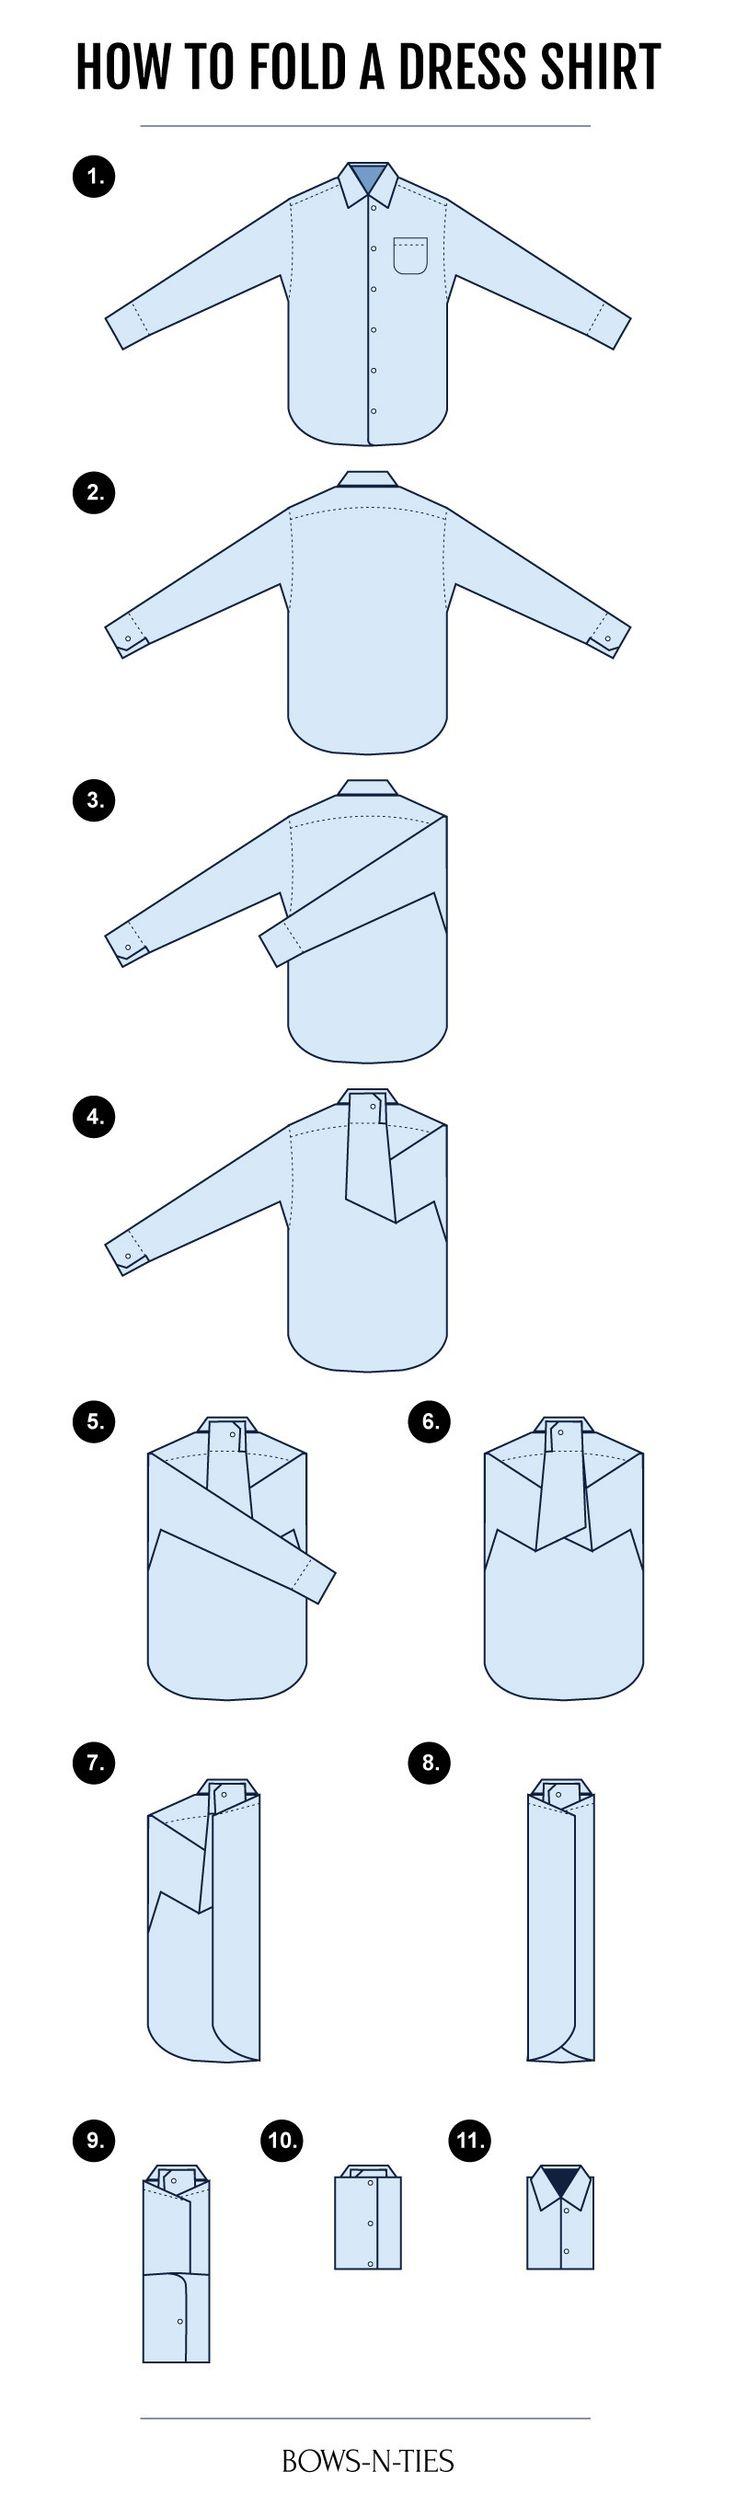 Cómo doblar una camisa para hombre. infografía